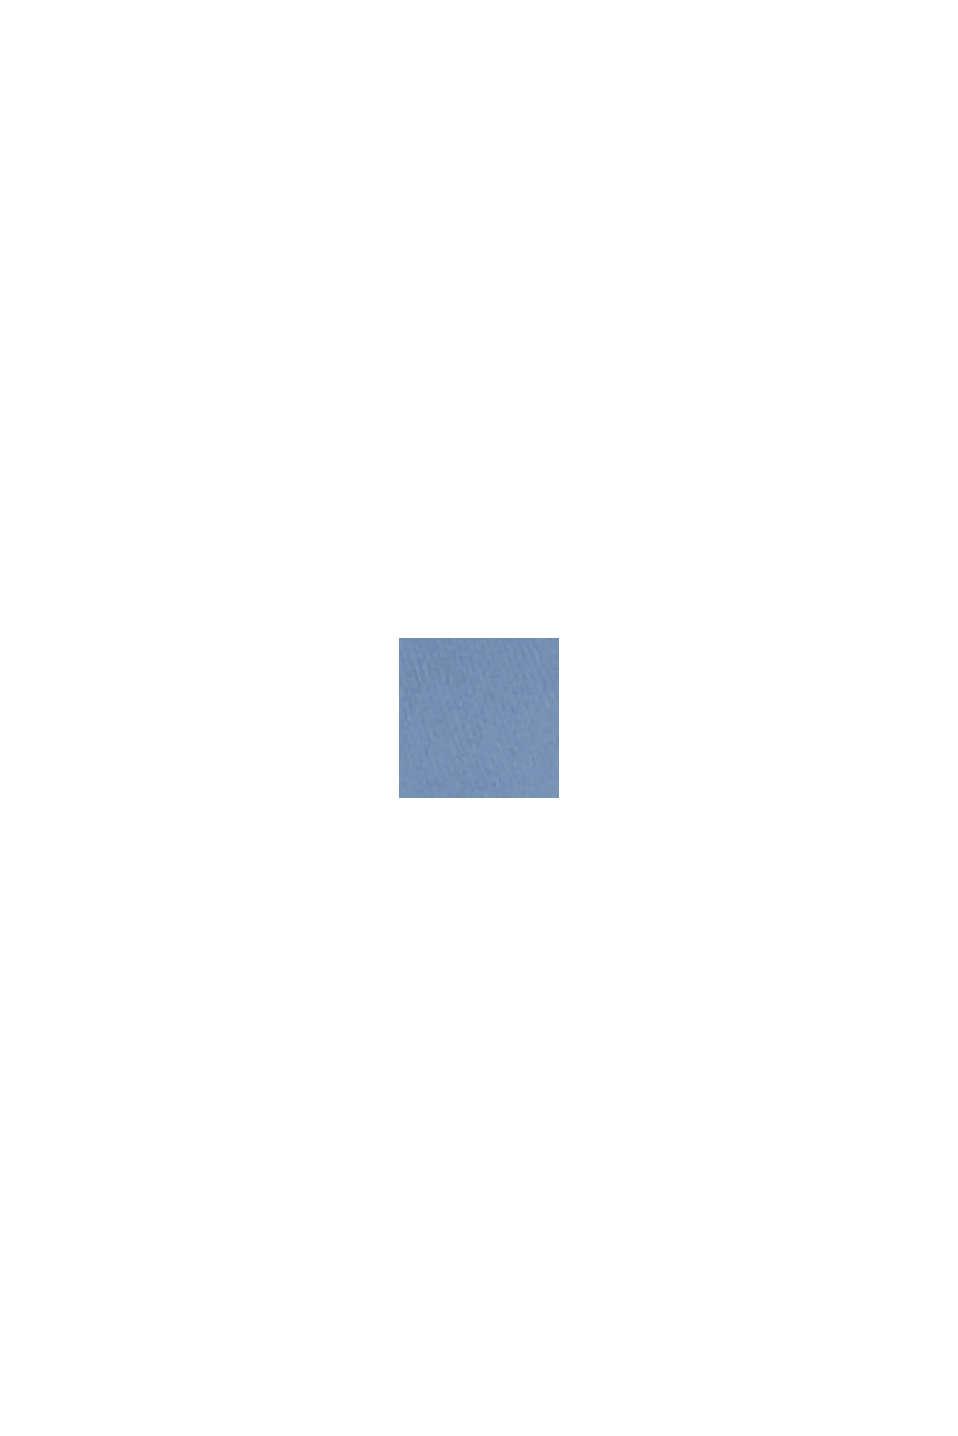 COLORED TWILL Mix + Match stretch blazer, GREY BLUE, swatch